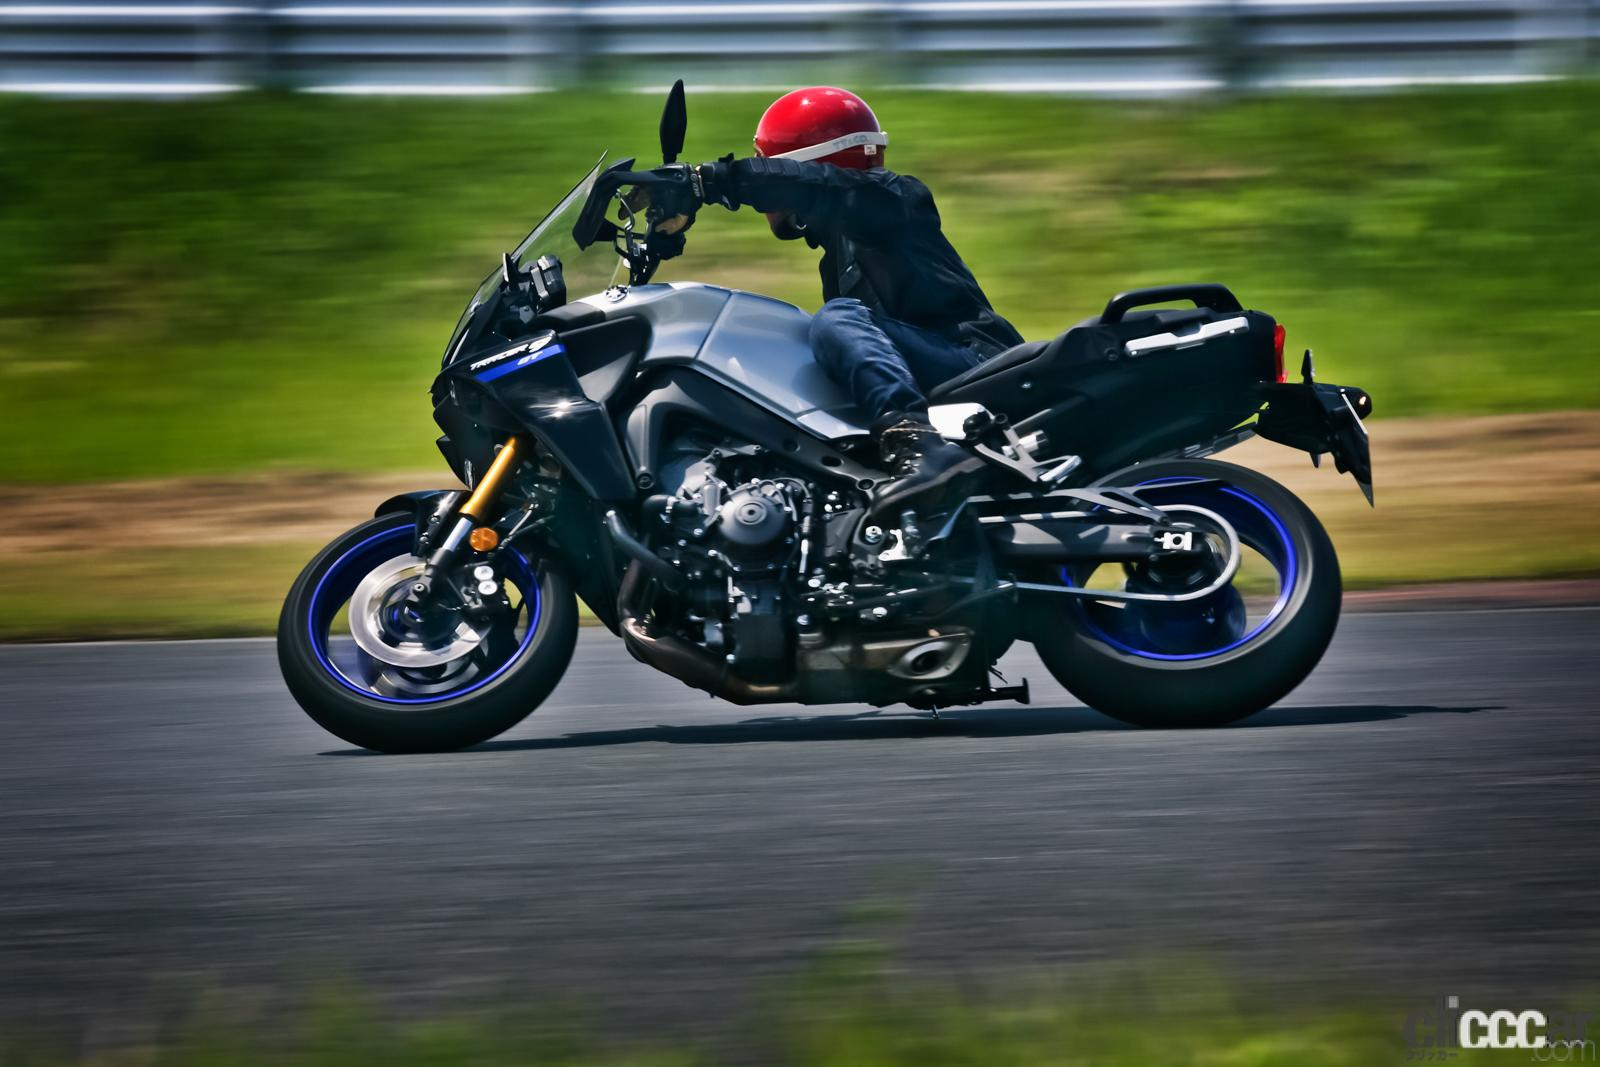 「何キロでも走れる超快適仕様! ヤマハTRACER9 GT ABSは電子制御の恩恵をフルに体感できる高性能スポーツツアラー」の1枚目の画像